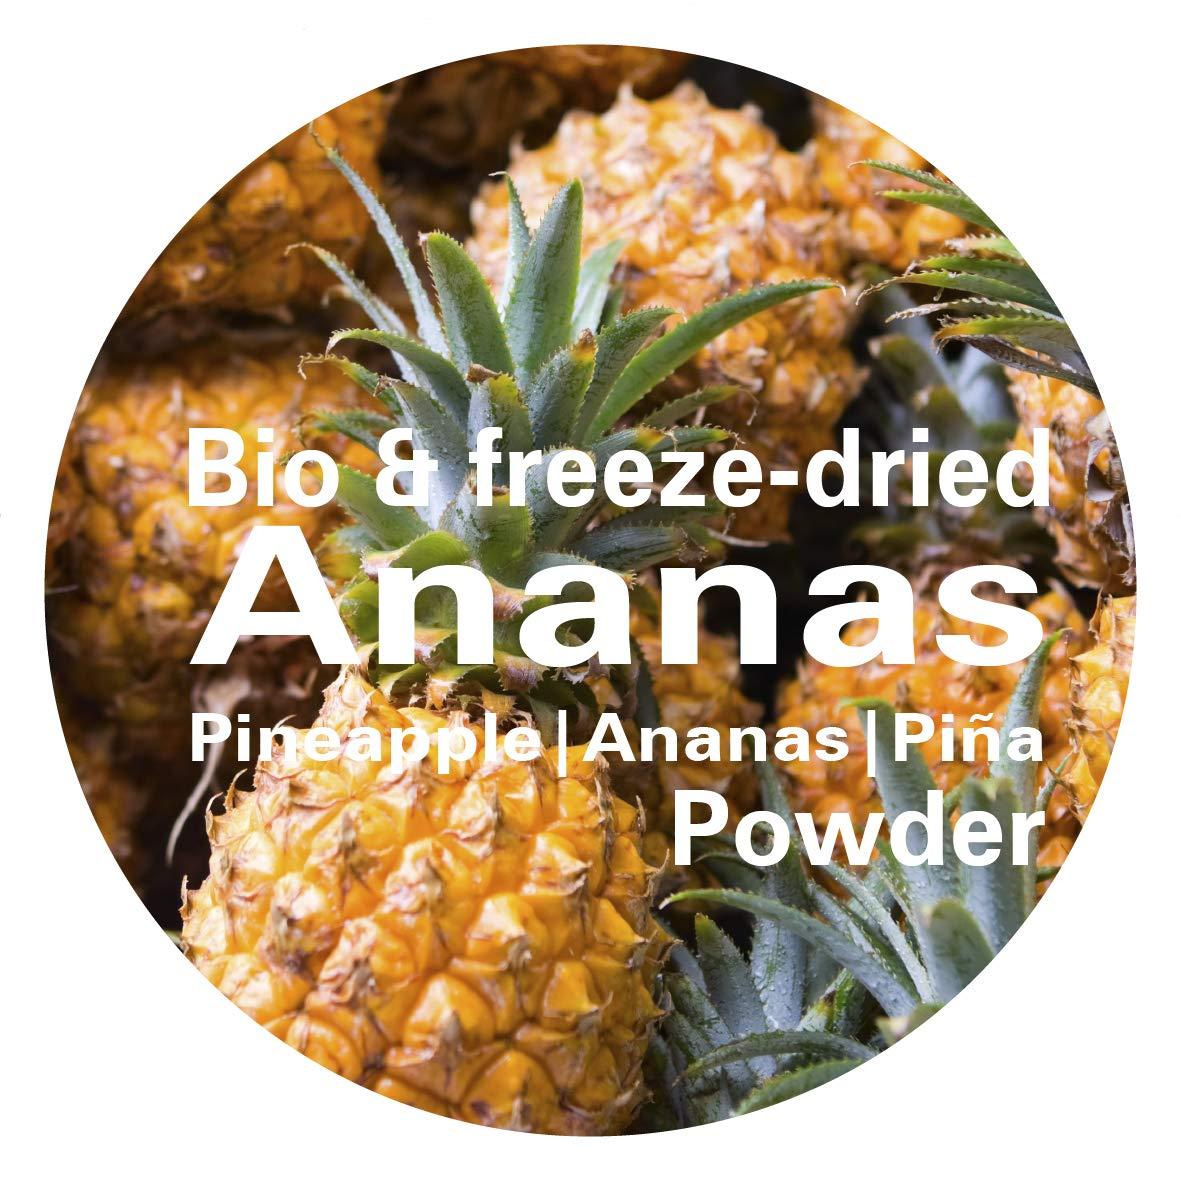 Piña en Polvo - Liofilizado|biológico|vegano|crudo|pura fruta|no aditivo|rica en vitamina|Good Nutritions 120g: Amazon.es: Alimentación y bebidas